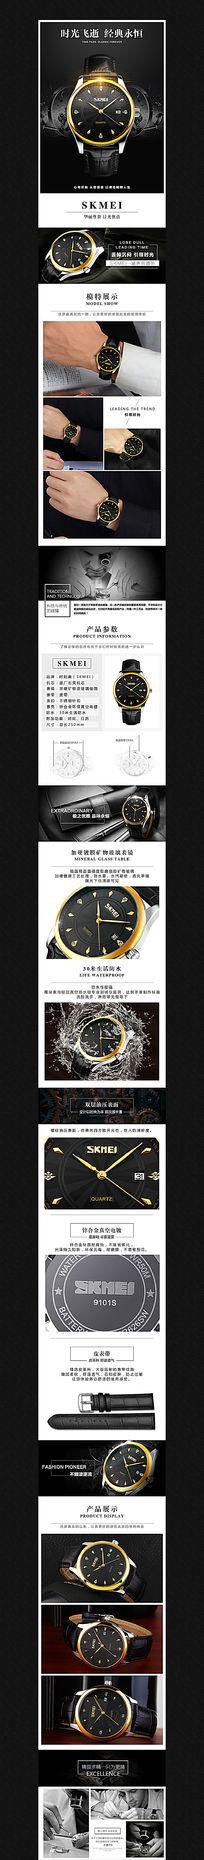 淘宝饰品手表详情页模板